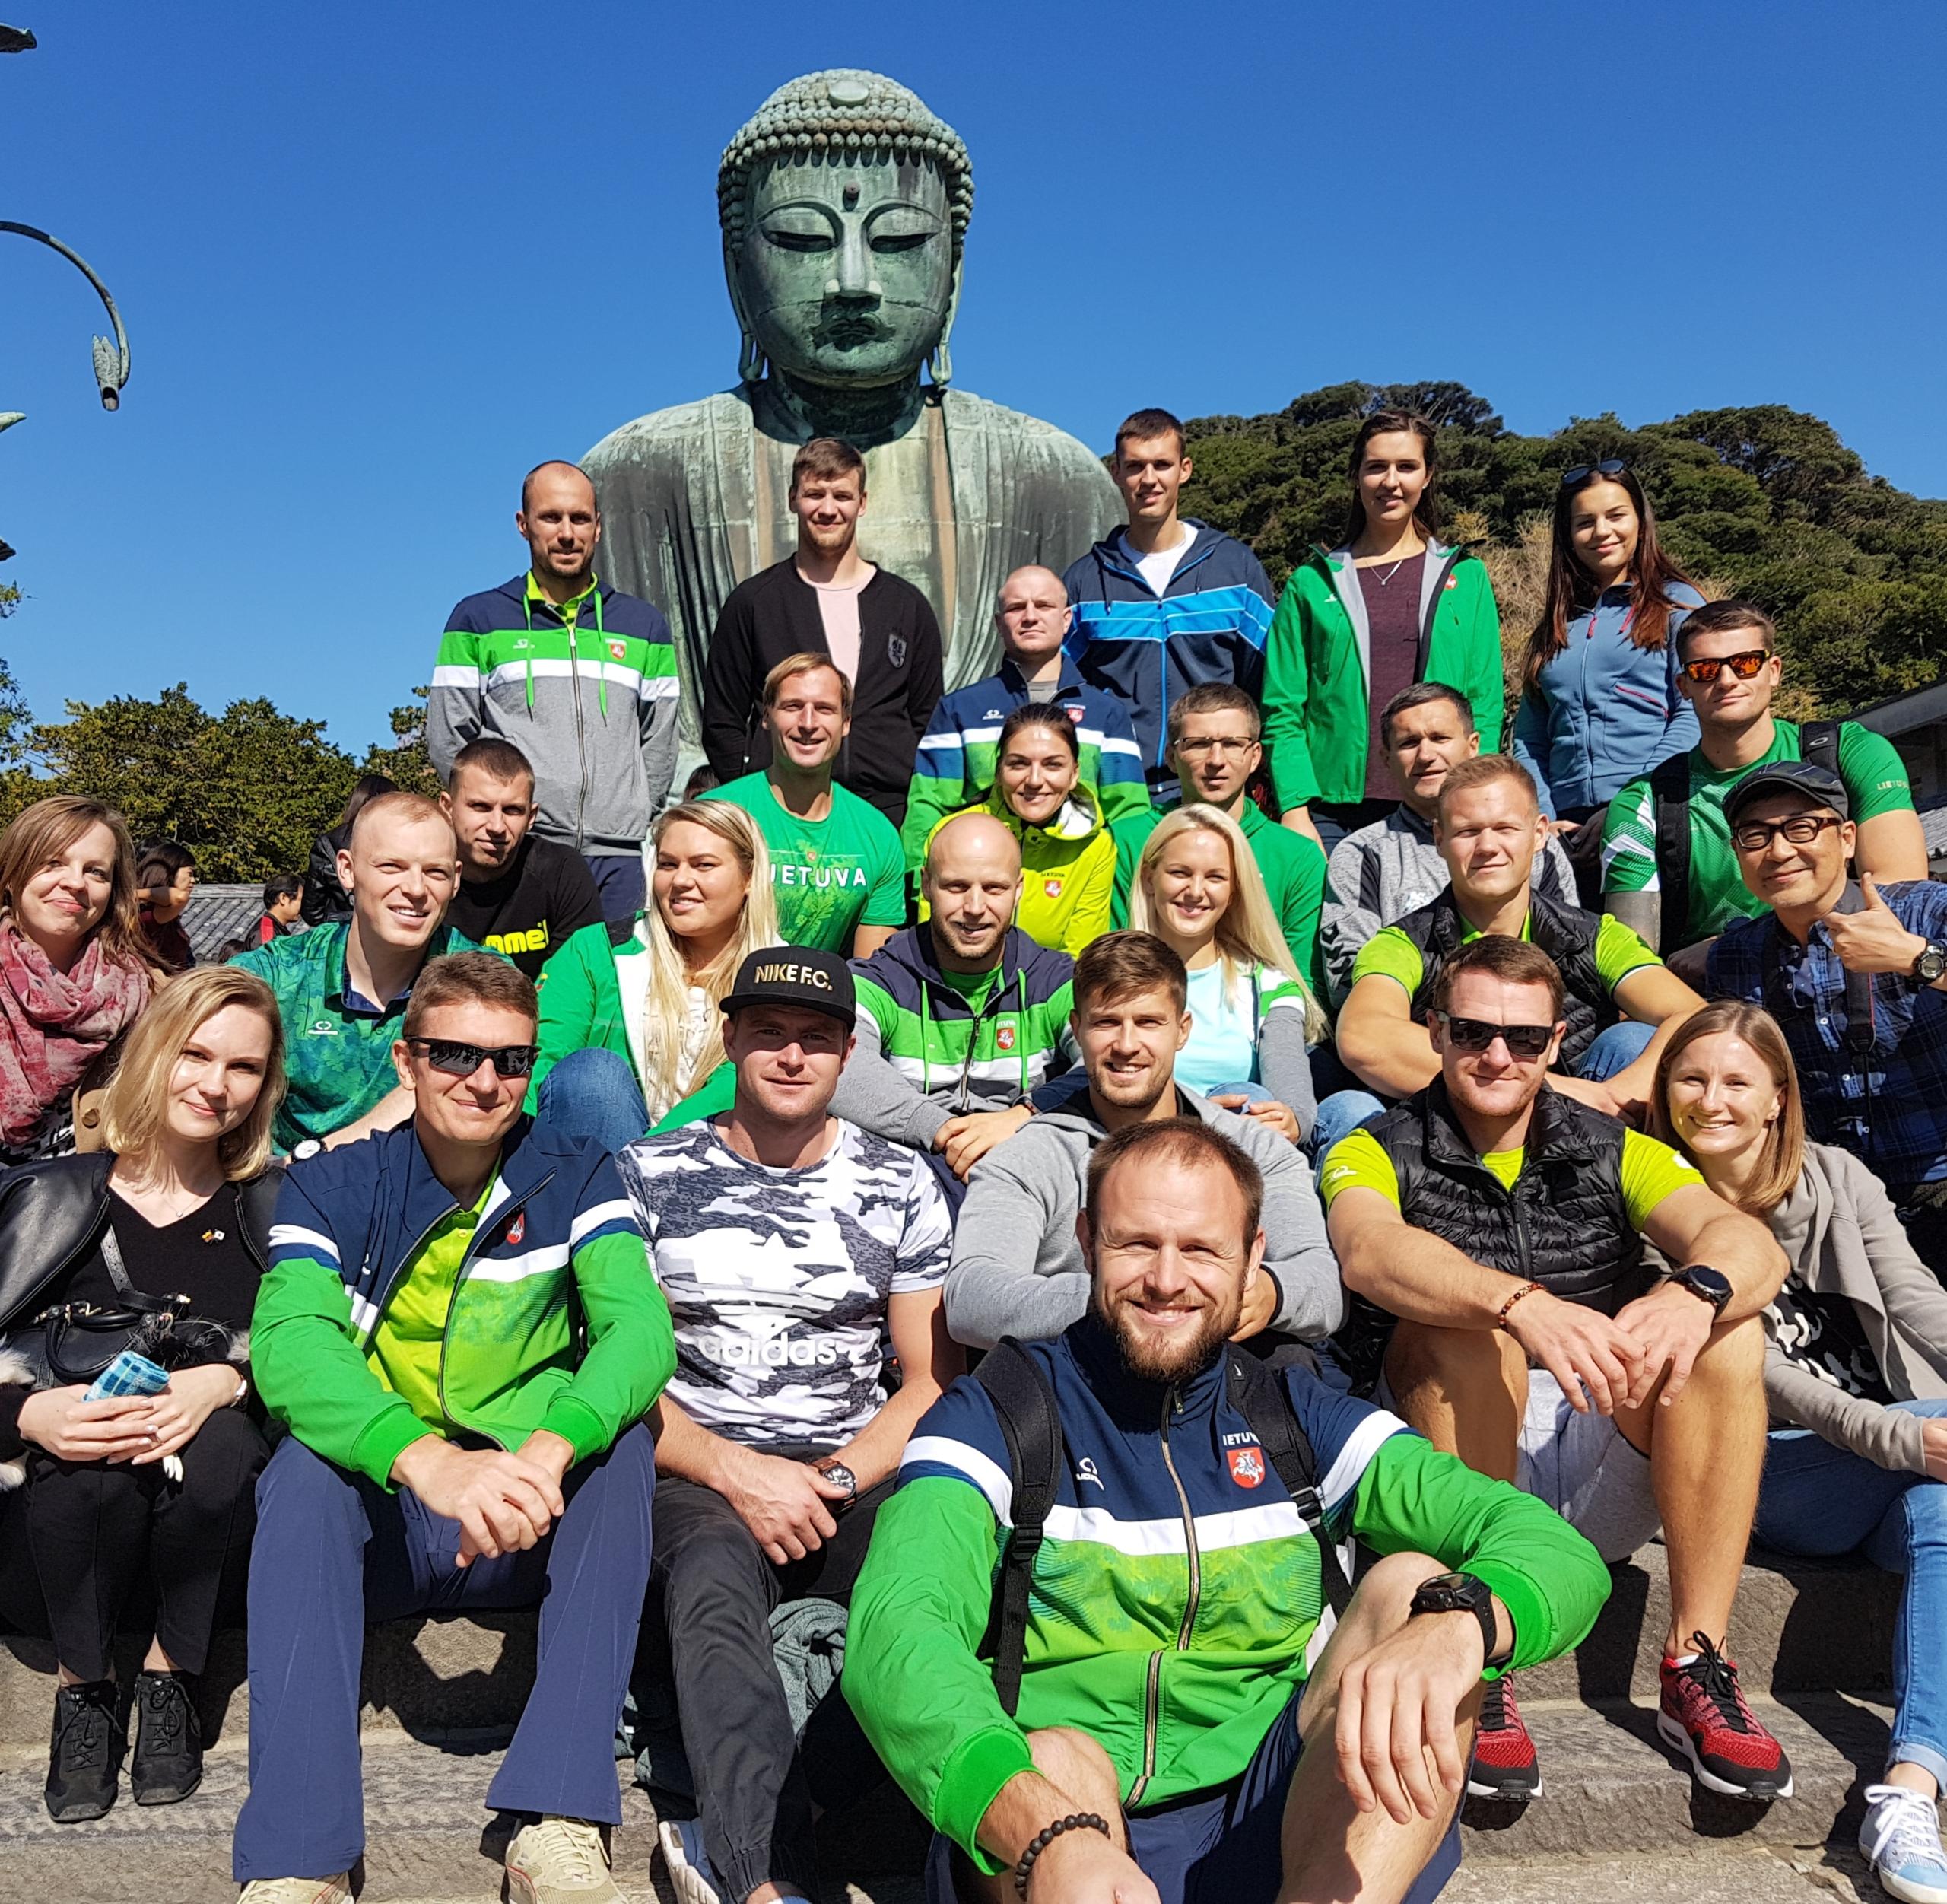 Hiracukoje jau yra apsilankę daugybė Lietuvos olimpinės rinktinės kandidatų. Čia jie sutinkami labai šiltai. LTOK nuotr.